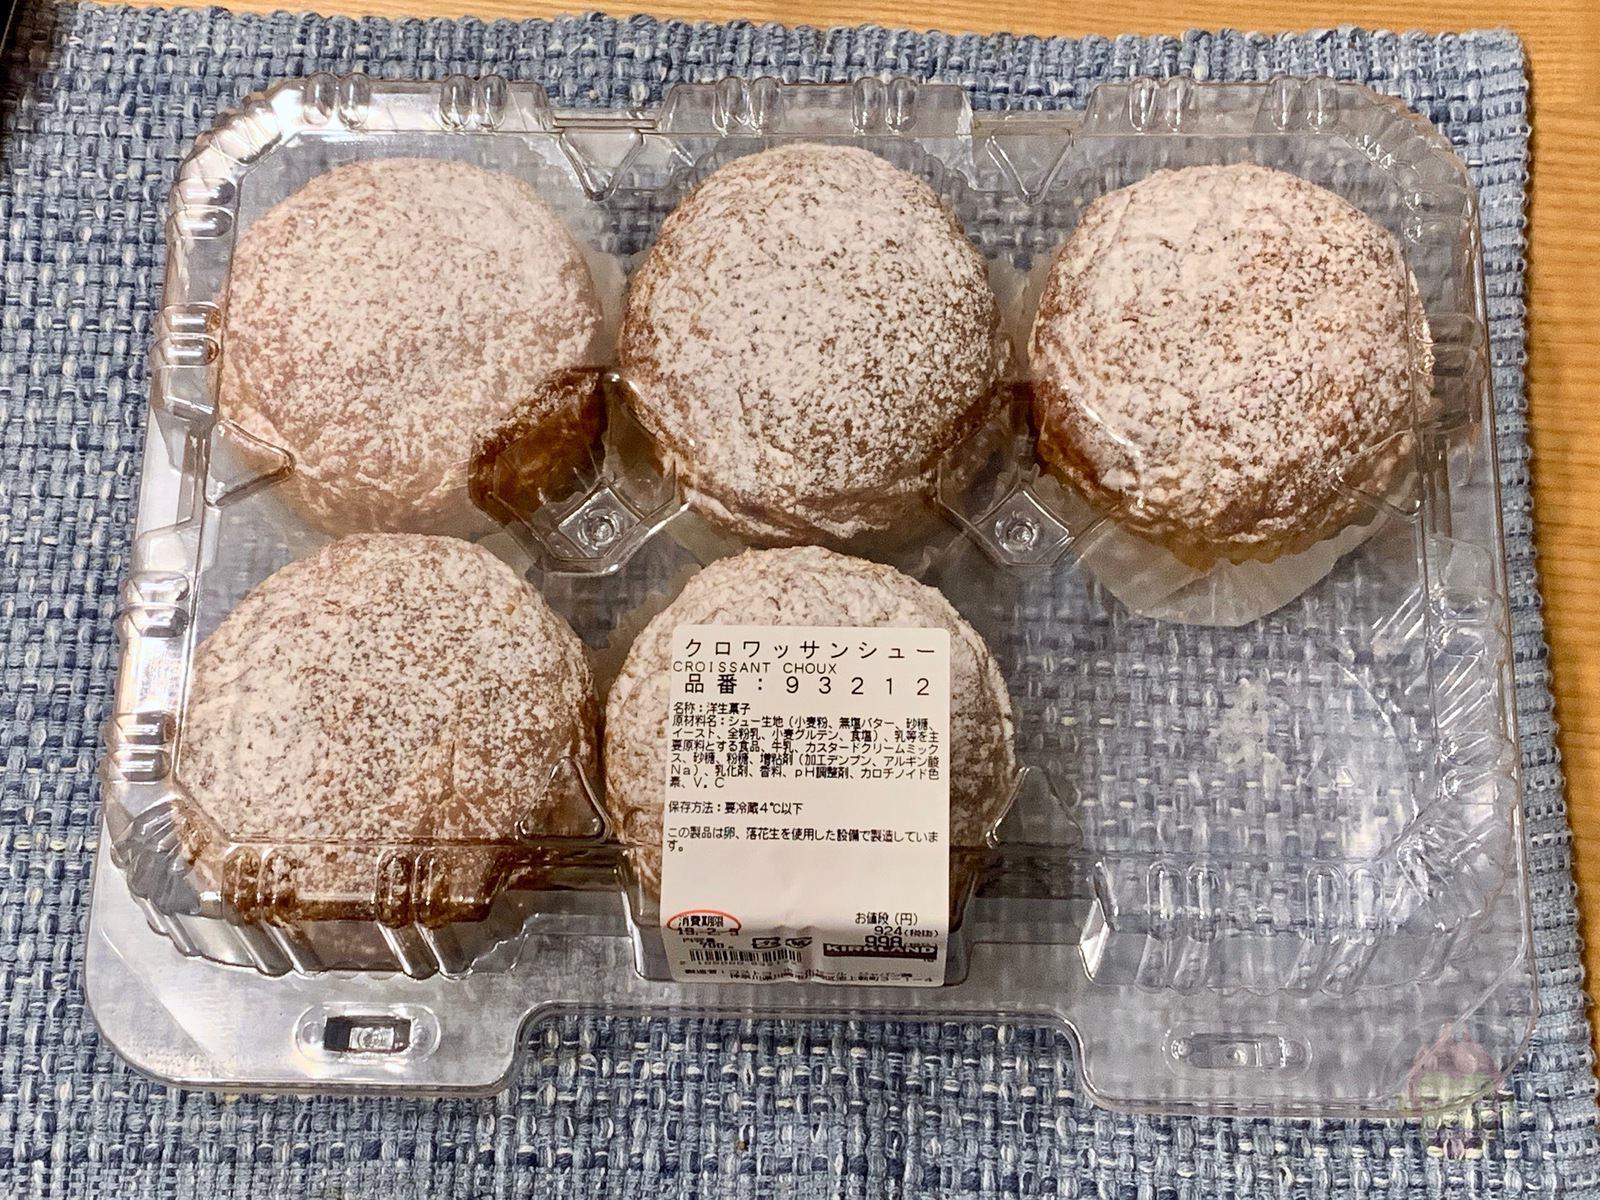 Costco-Croissant-cream-puff-01.jpg